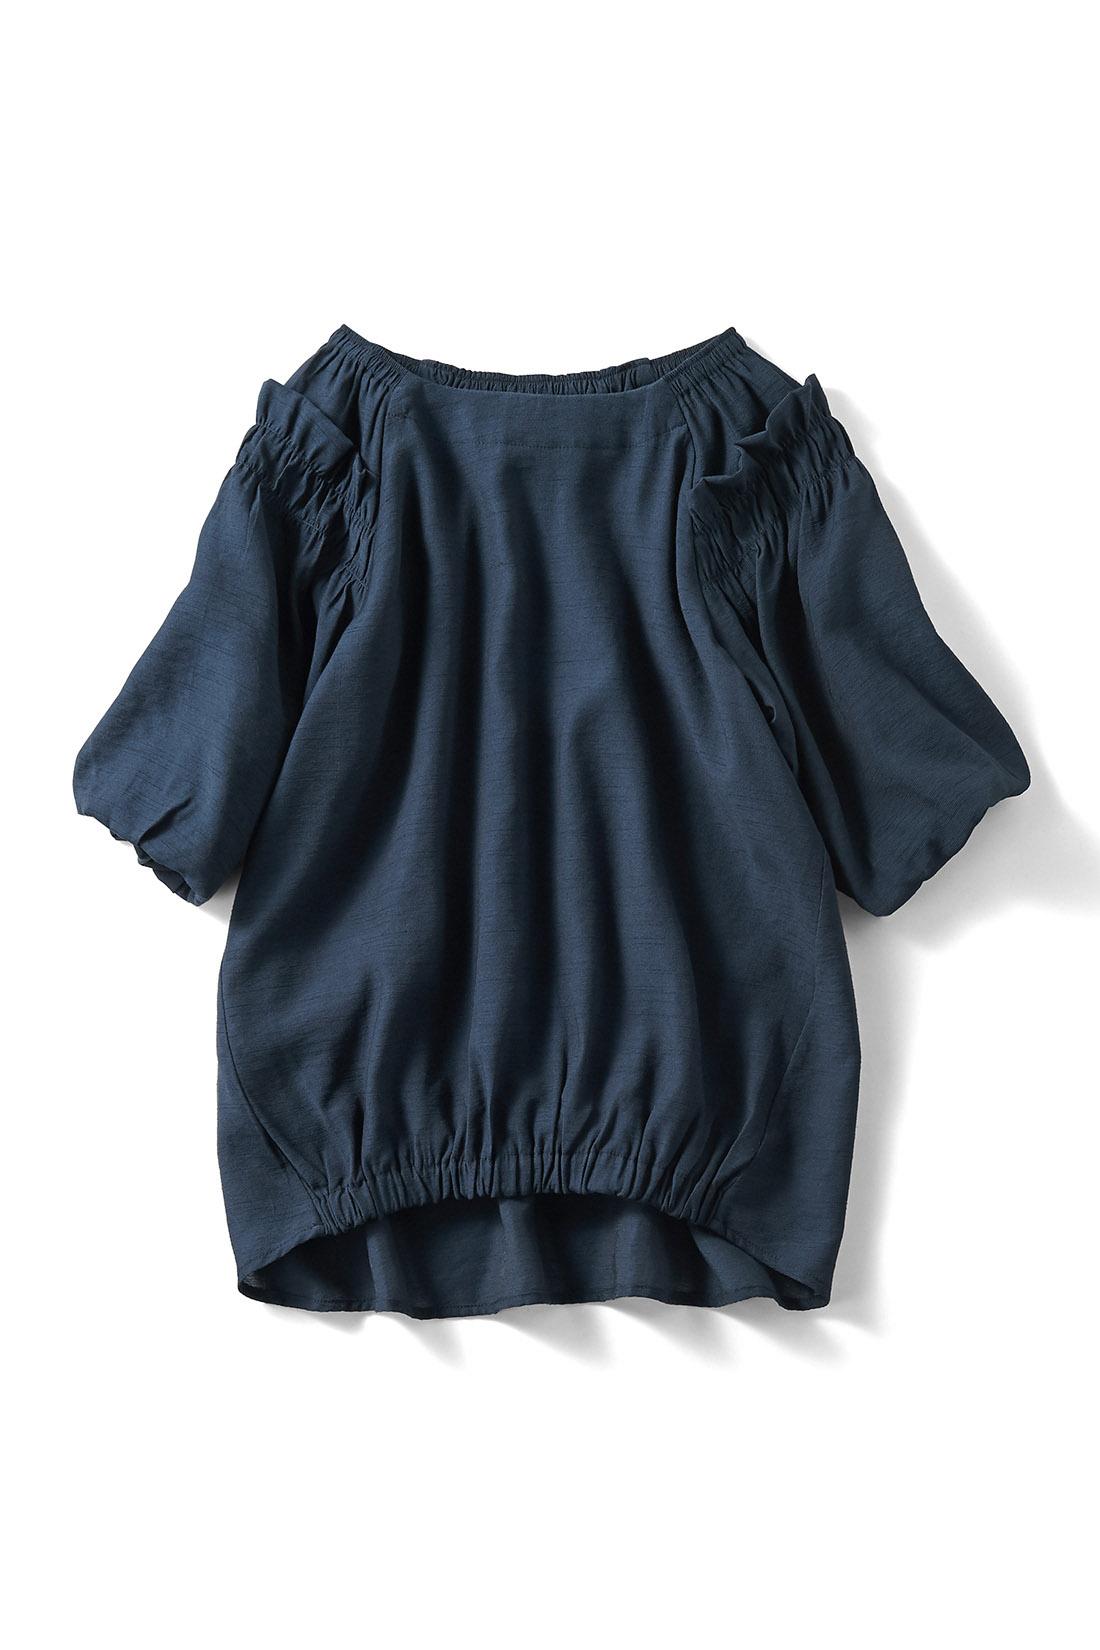 甘さ控えめな〈ネイビー〉 着るだけでフロントインしたようなこなれ感が出るギャザーゴムデザイン。